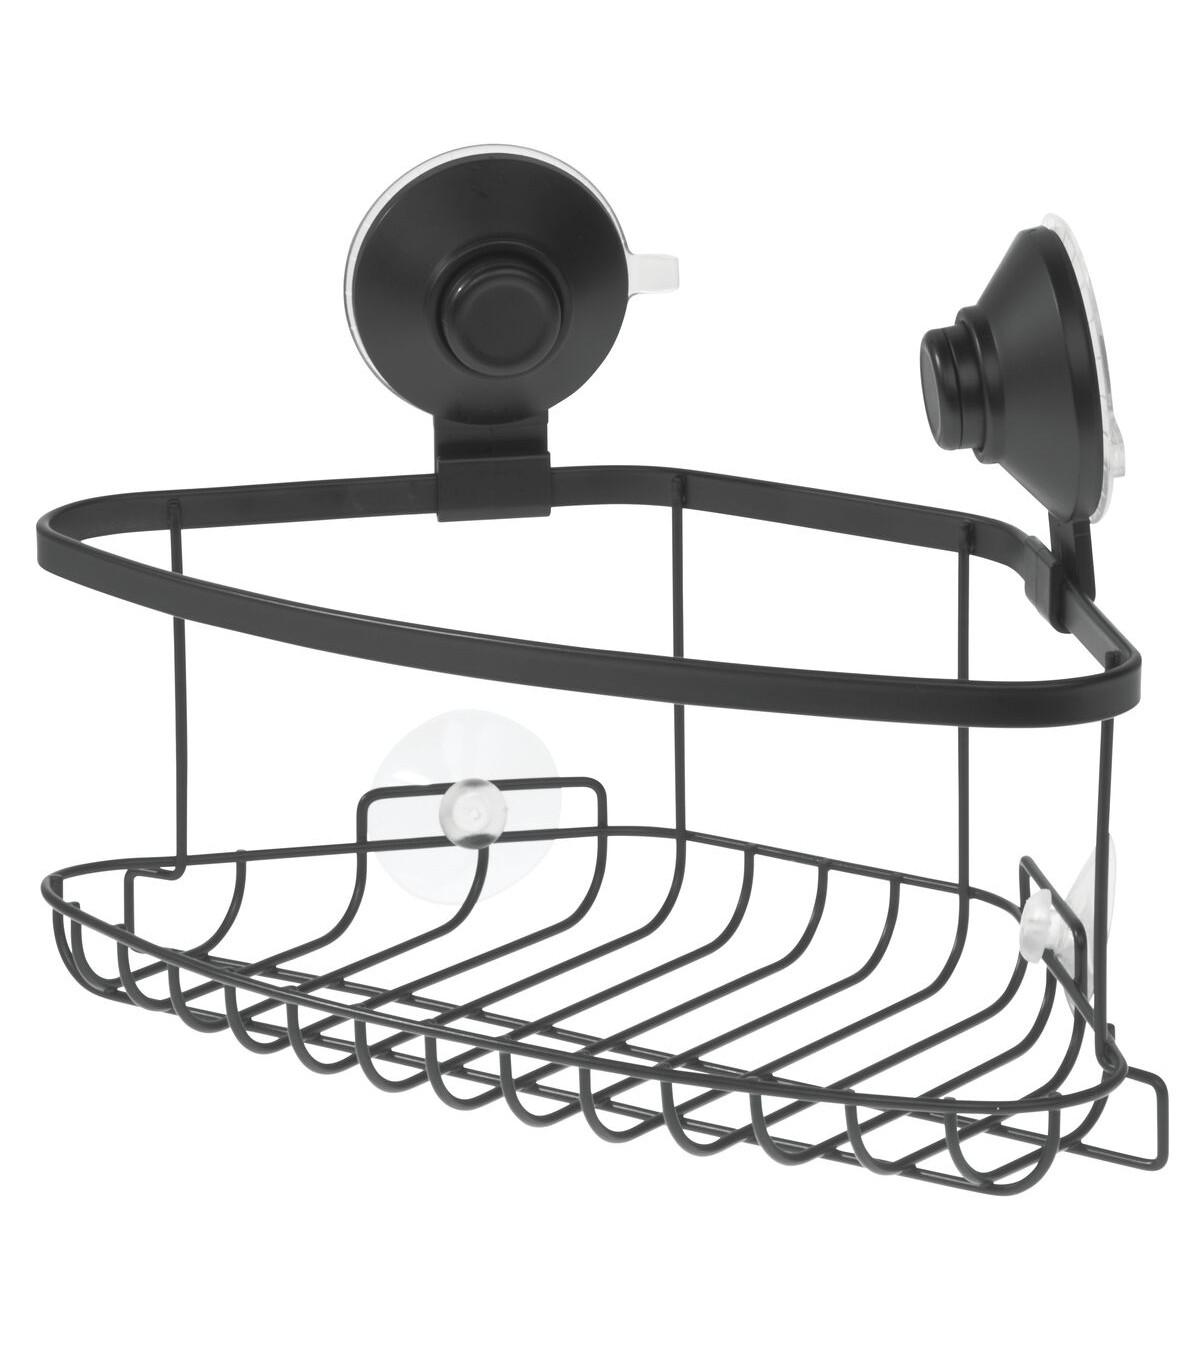 Panier de douche d'angle à ventouse - Noir